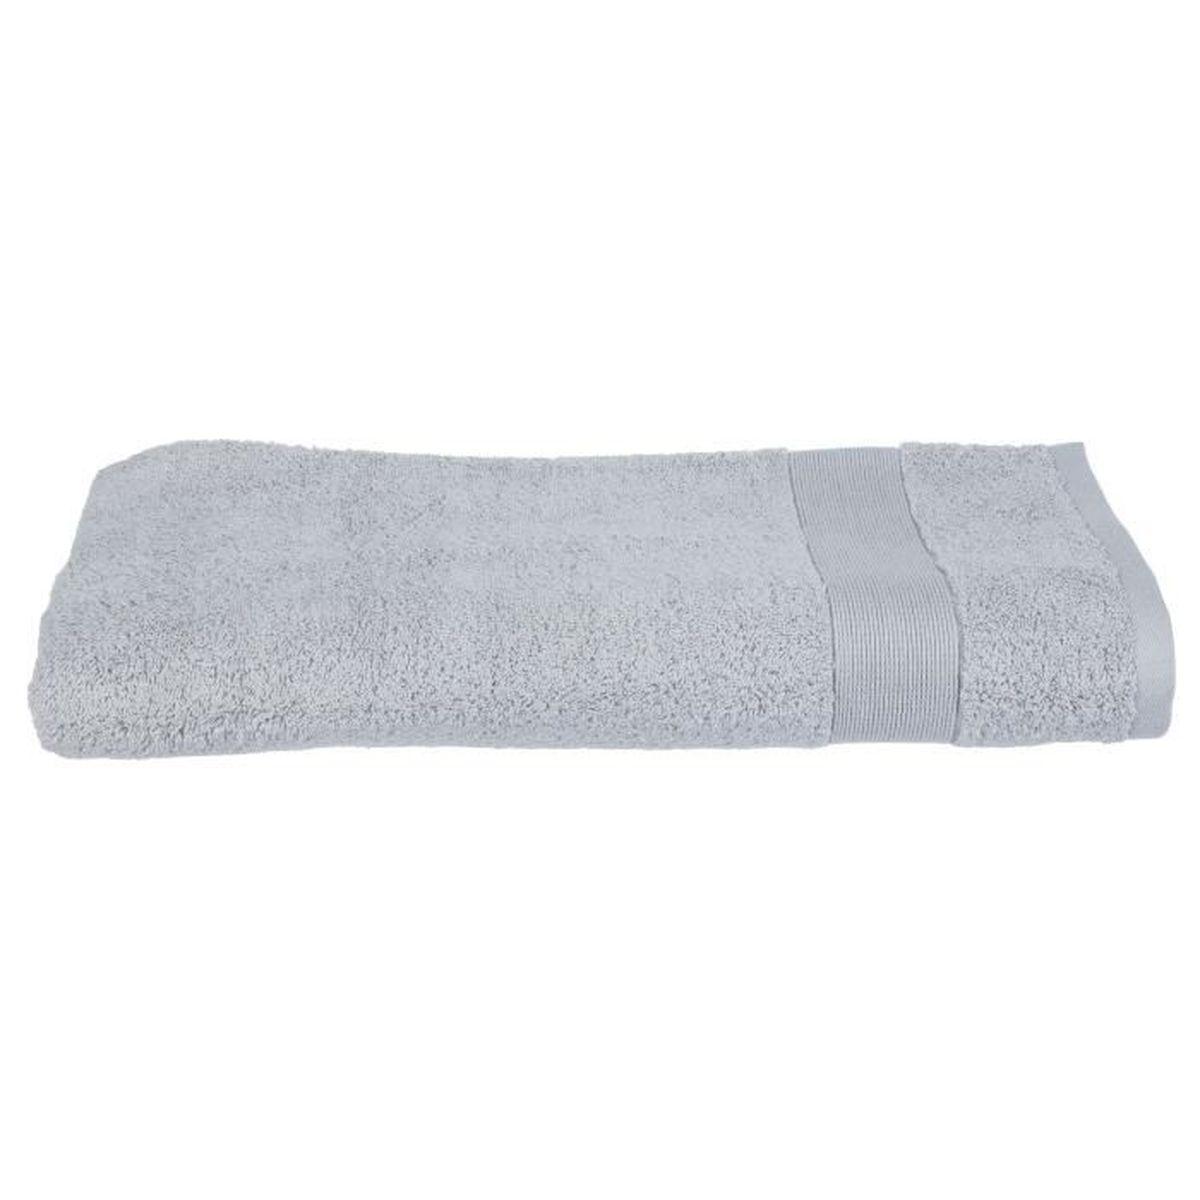 Drap de Bain - 100 x 150 cm - Gris Clair - Achat / Vente serviettes ...